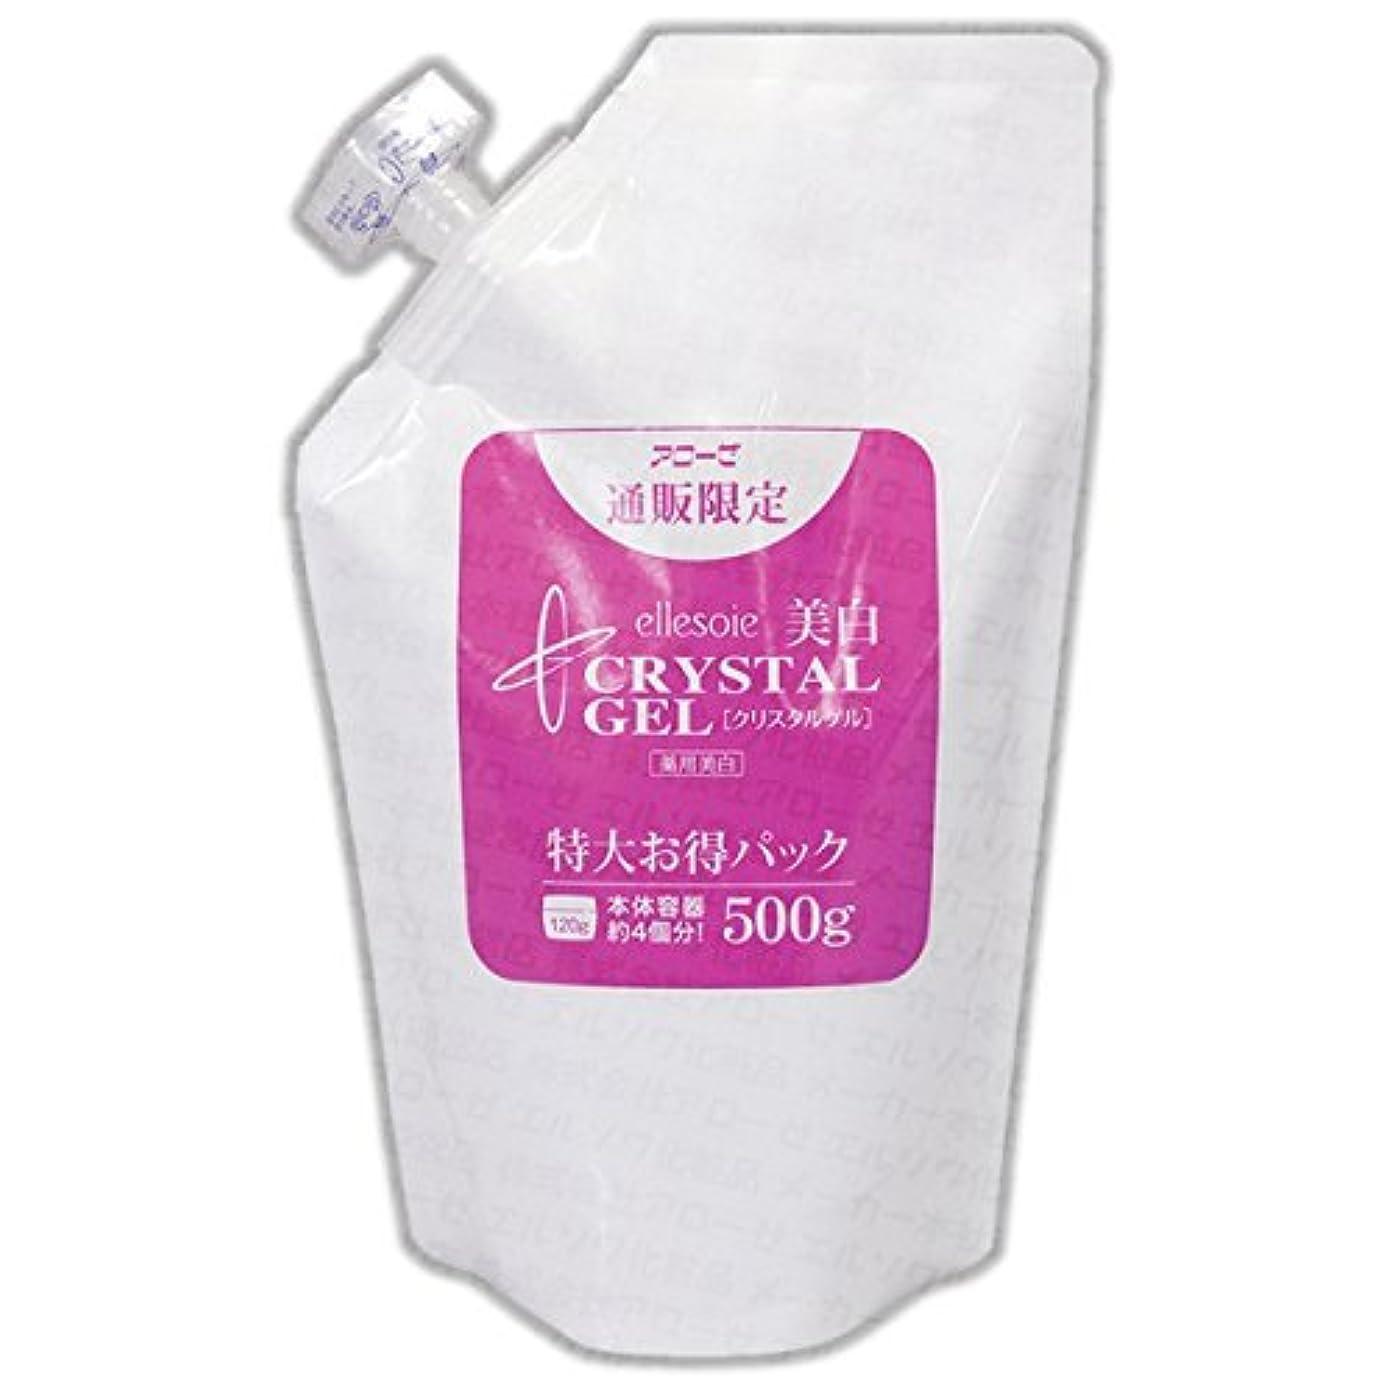 カウントアップ宝石酸エルソワ化粧品(ellesoie) クリスタルゲルS 詰替用500g 保存用キャップ付 薬用美白オールインワン